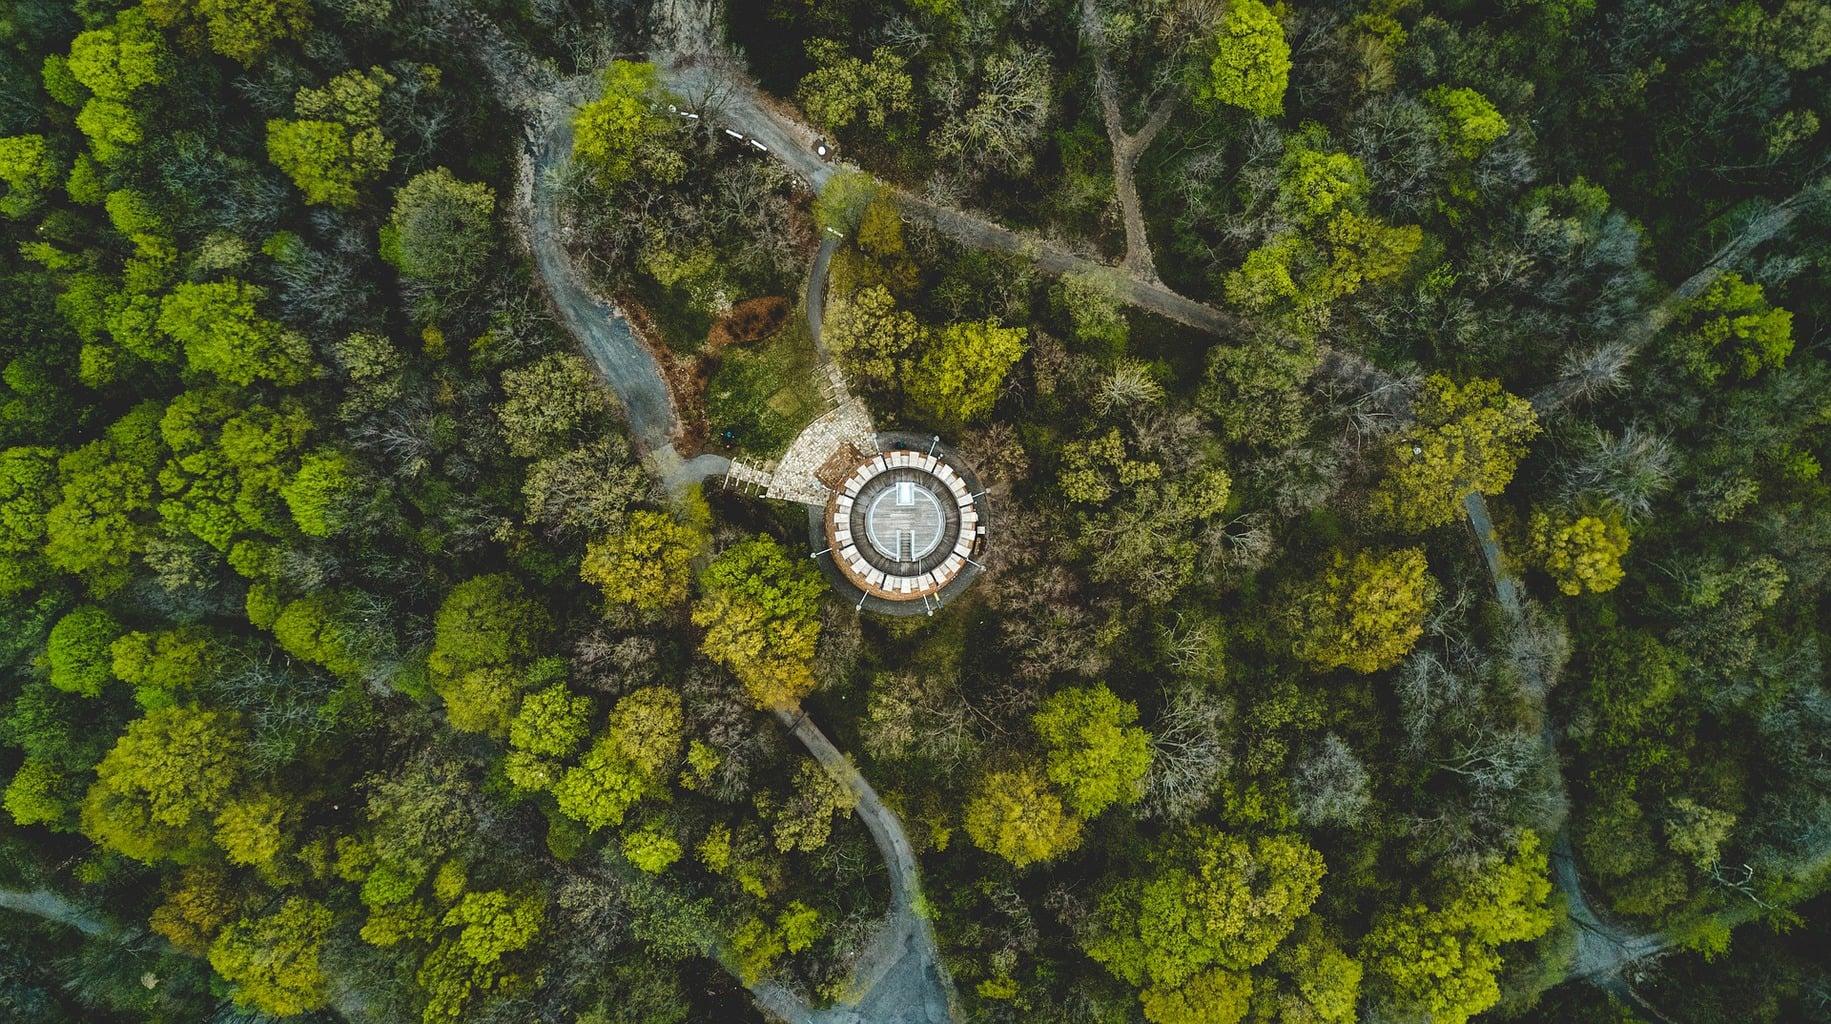 fotgrafía aérea de un bosque